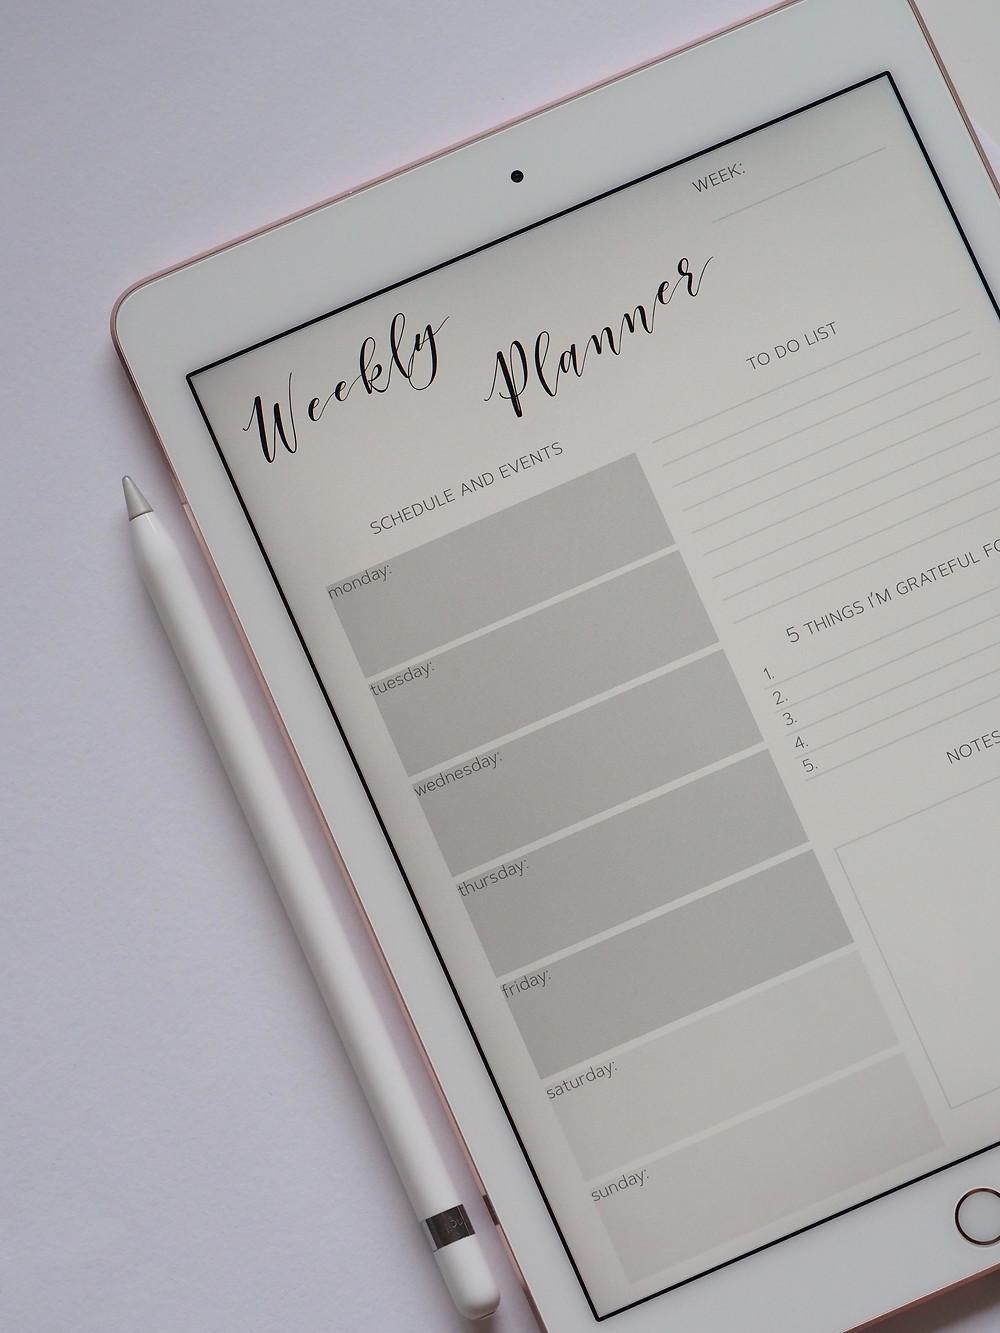 Wochenplaner auf dem man seine Social Media Posts Planen kann